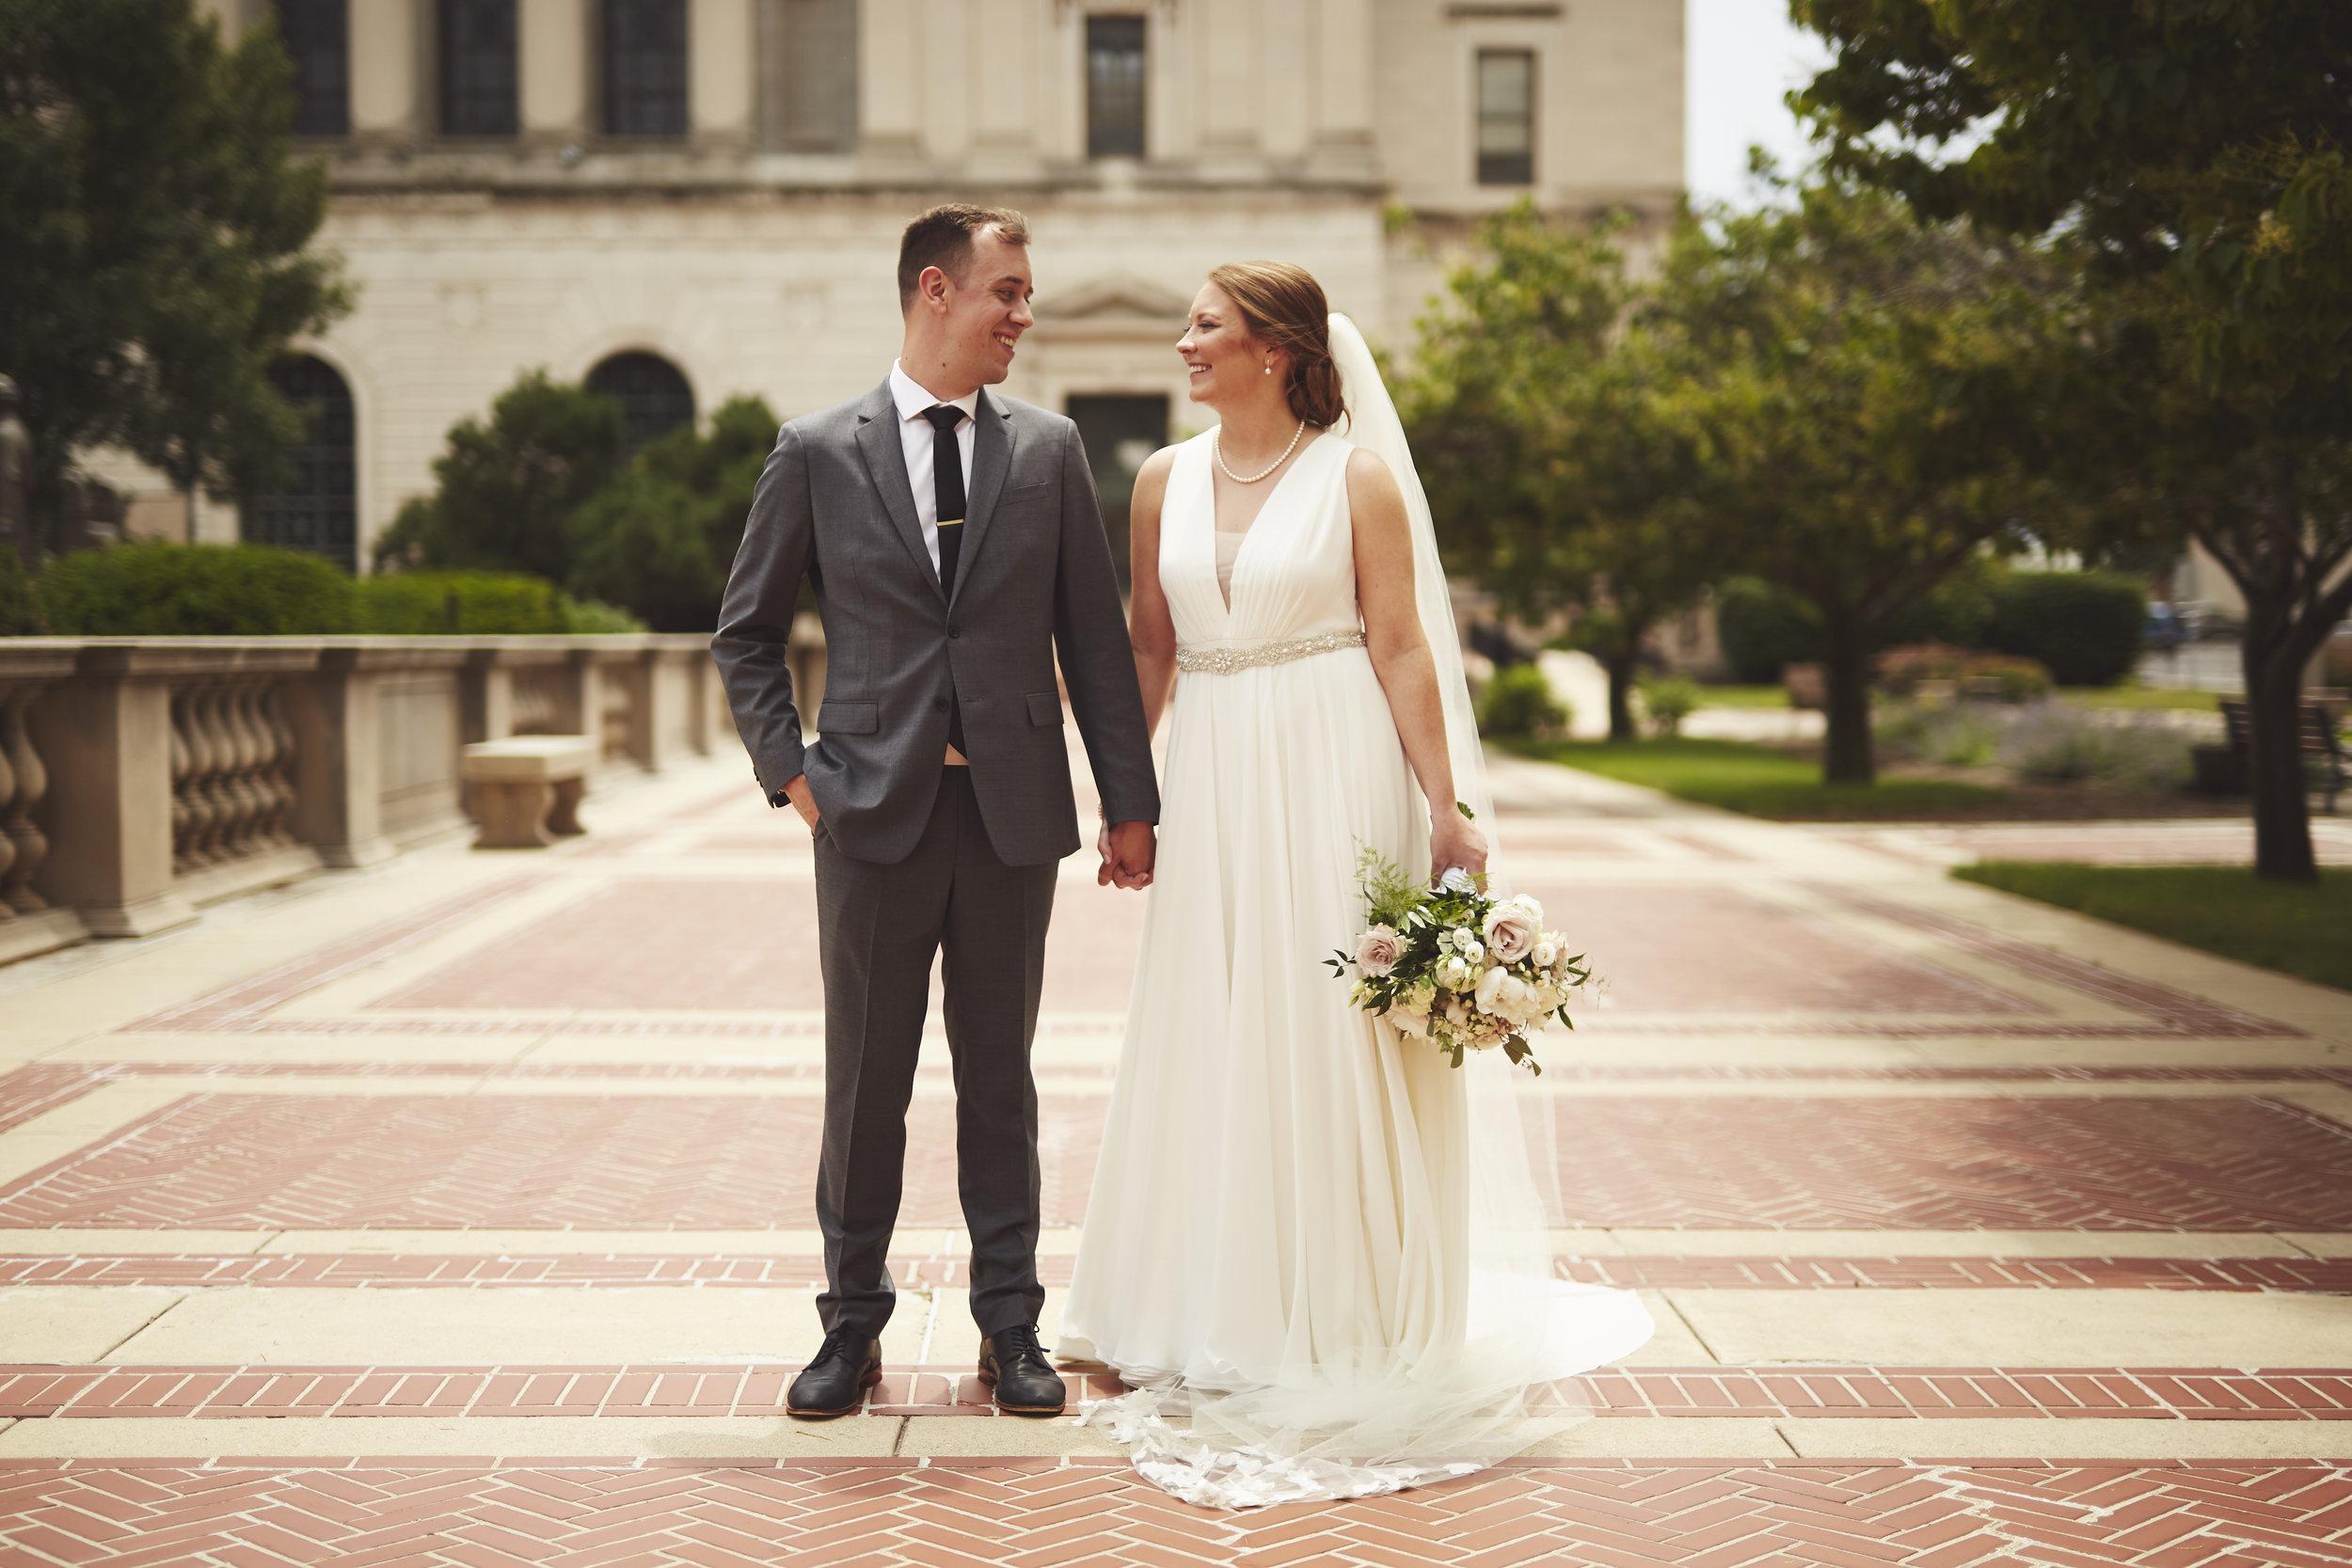 Kathleen & Troy - Ben Romang Photo - 6I5A7904.jpg